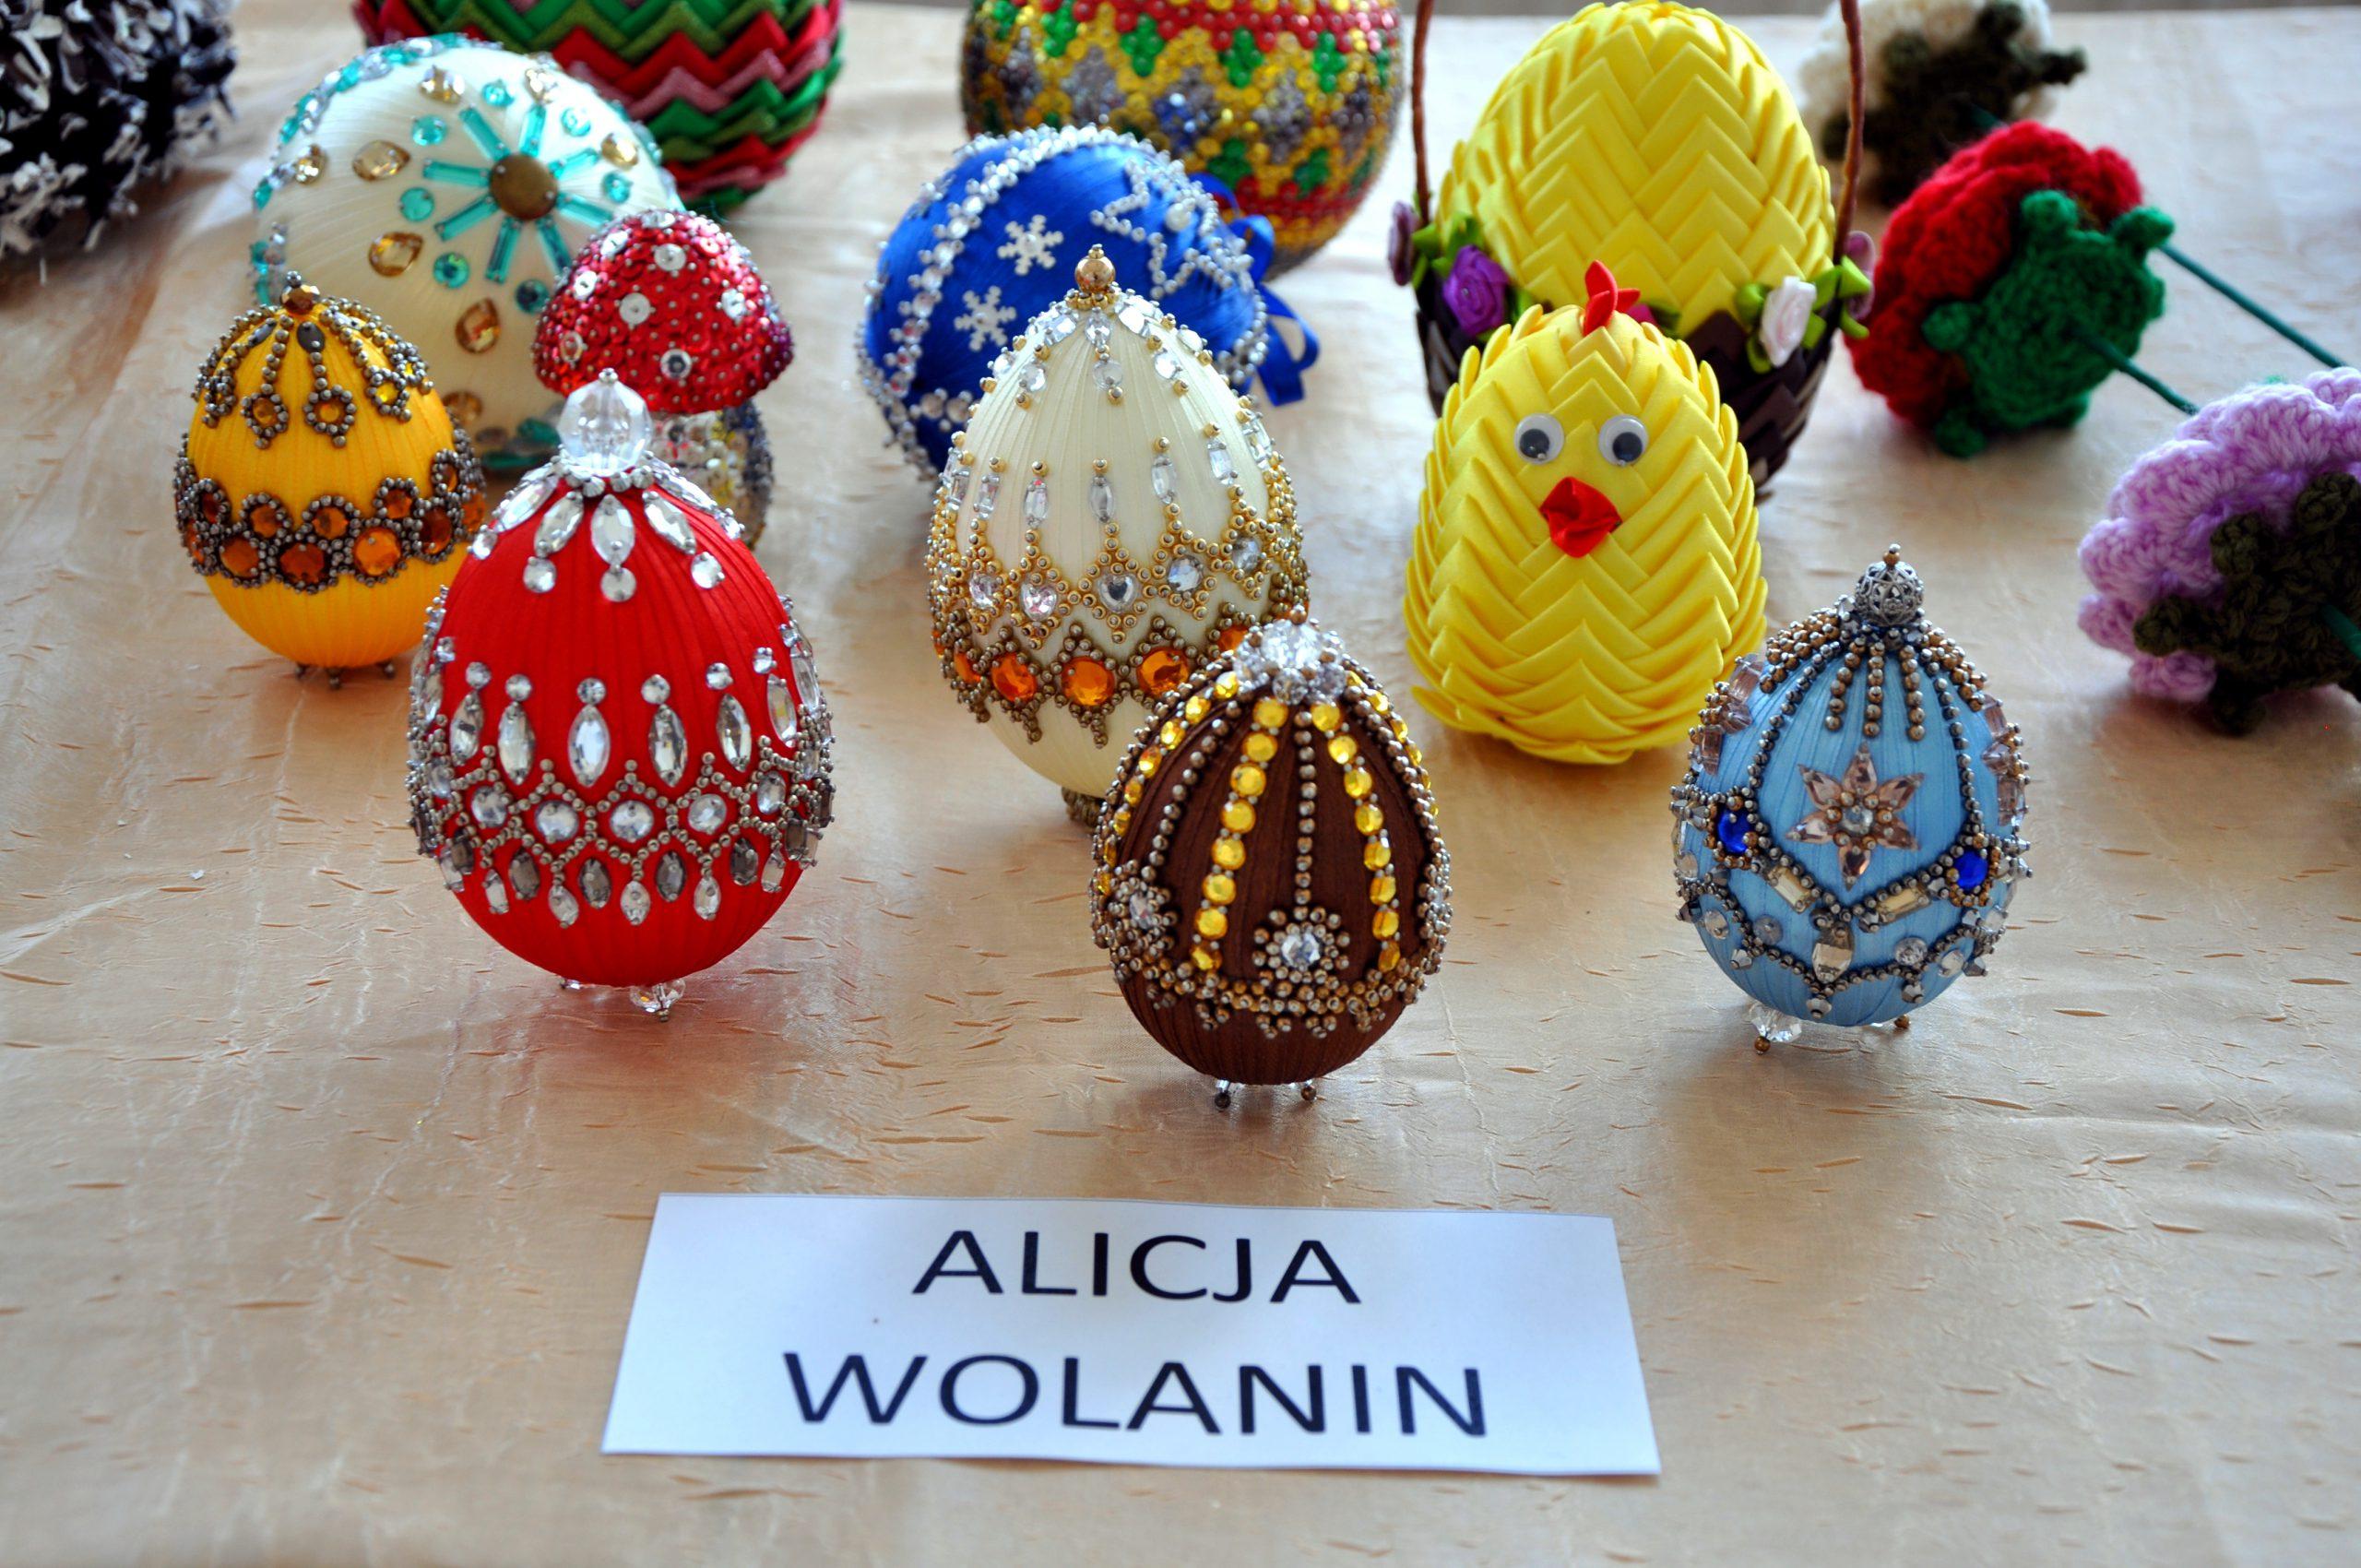 A. WOLANIN